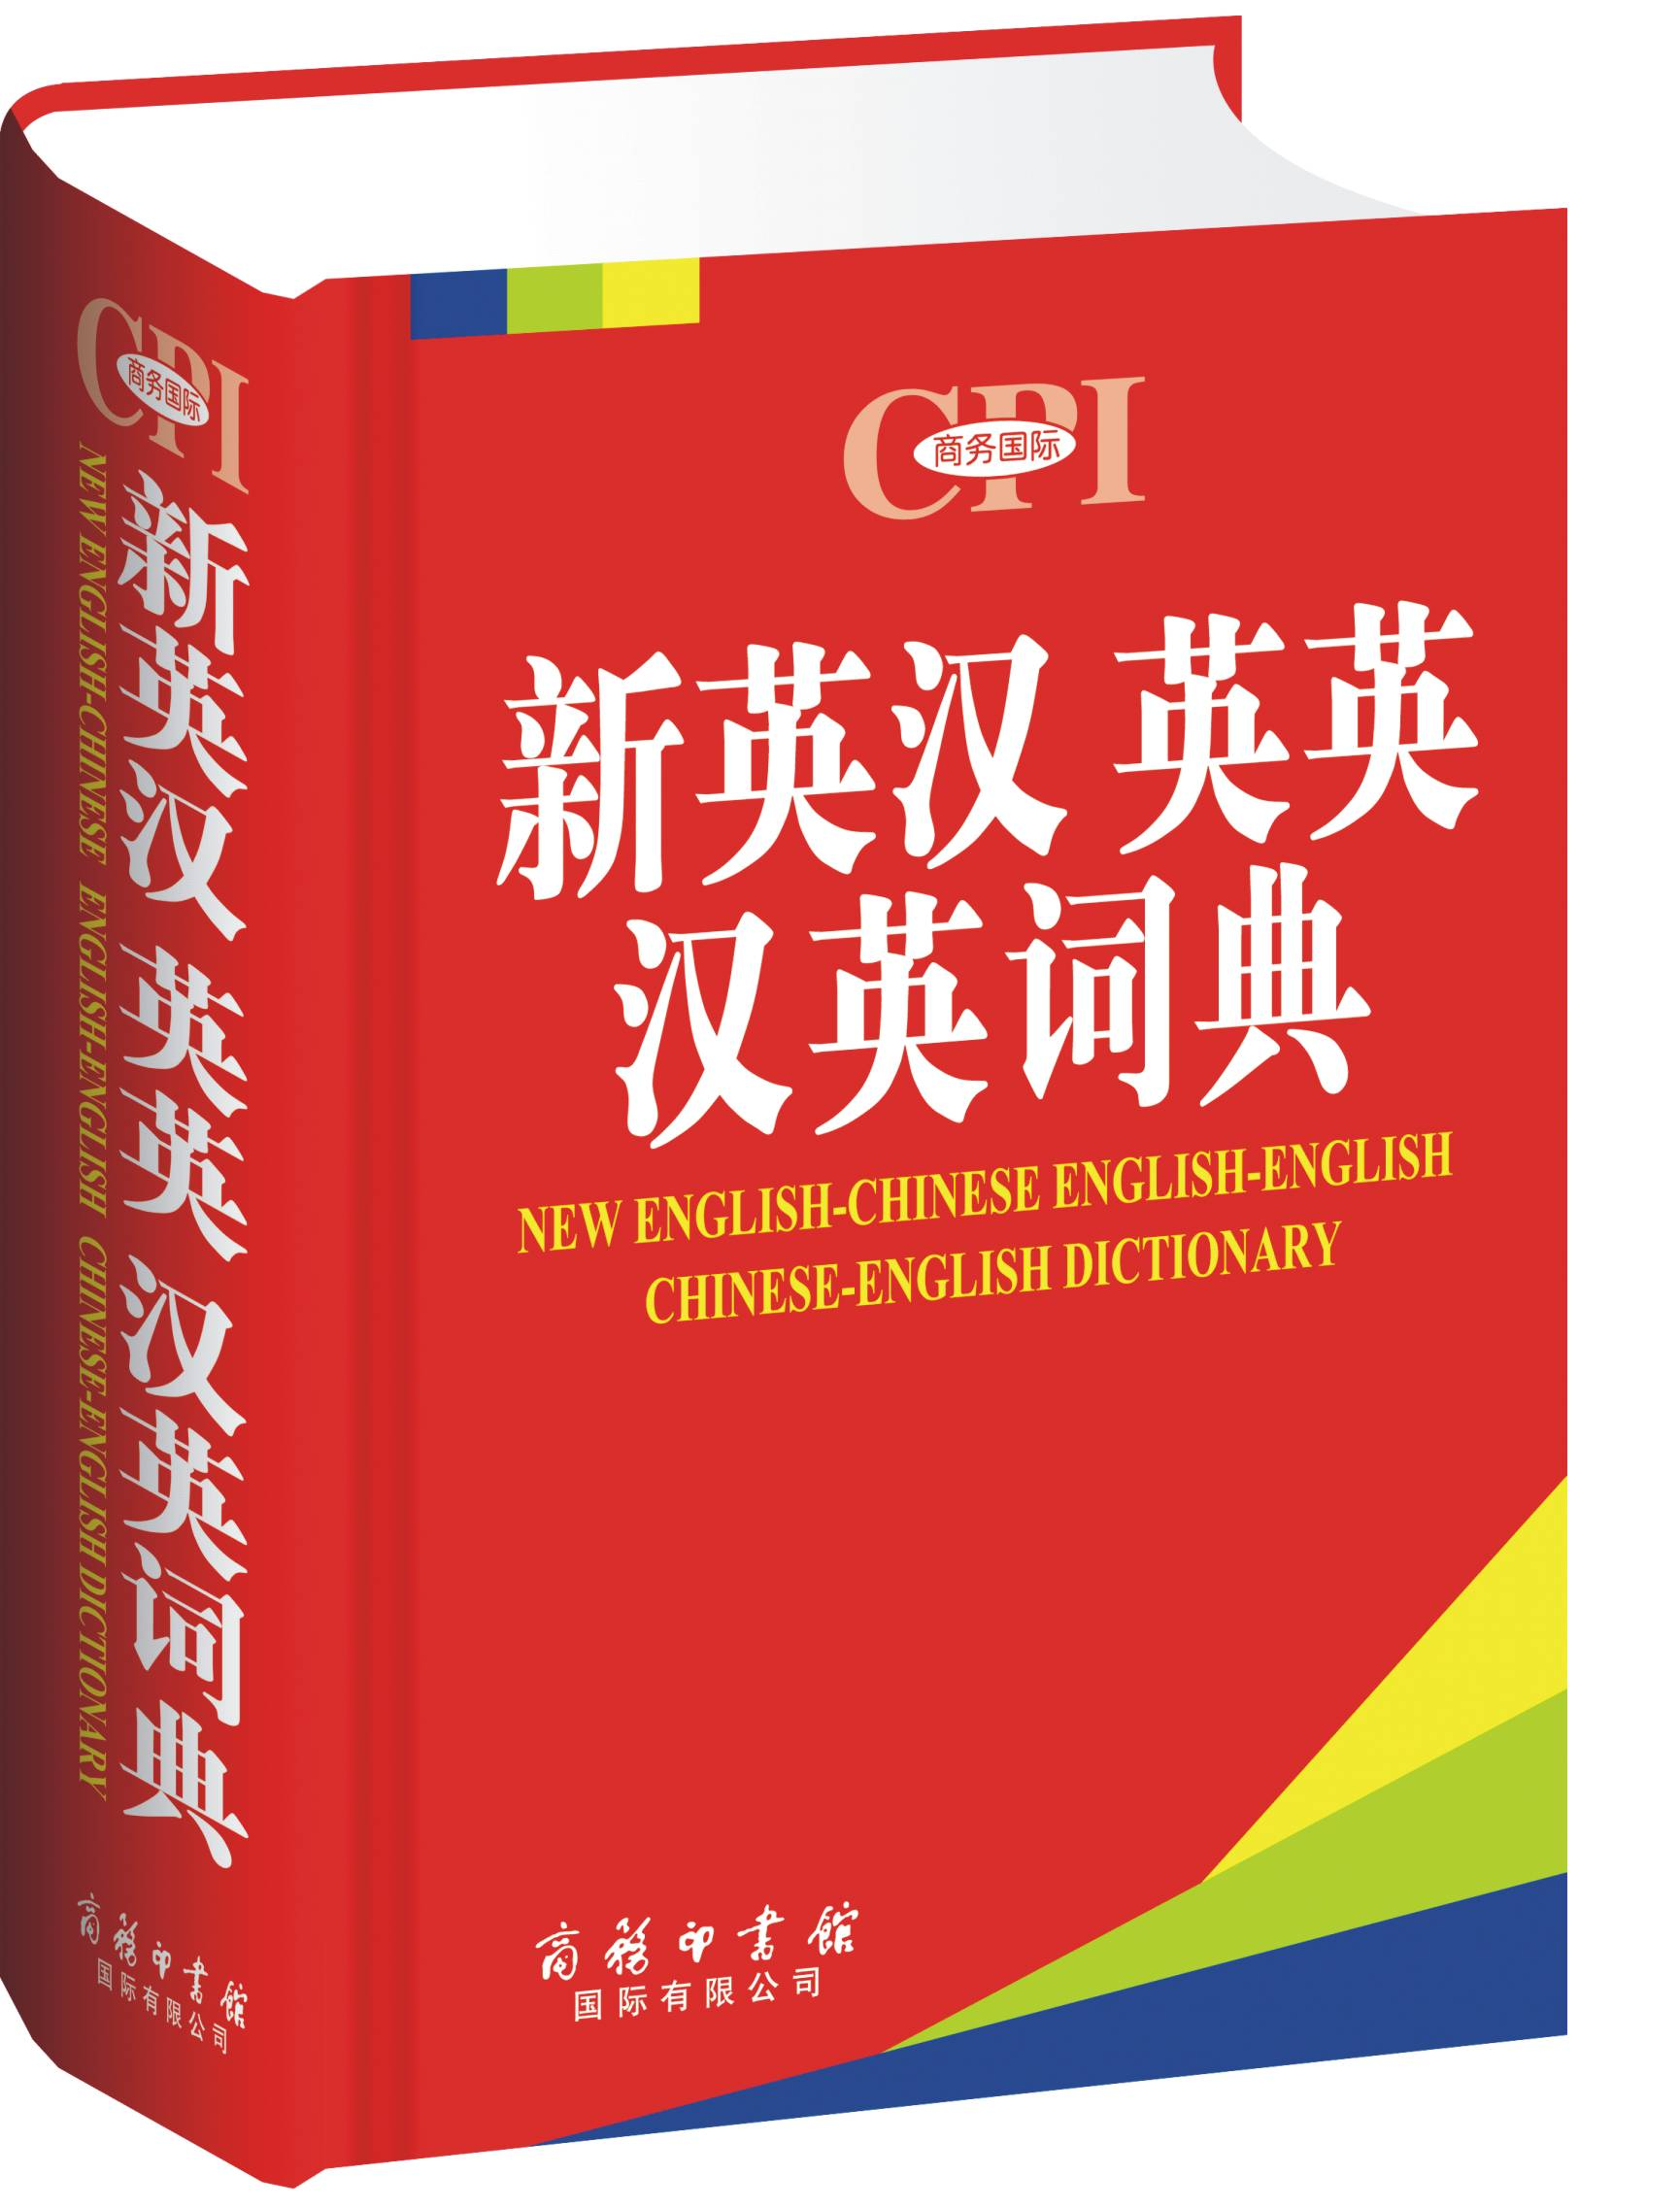 新英汉字典在线_英汉词典牌子比较好 多少钱好用